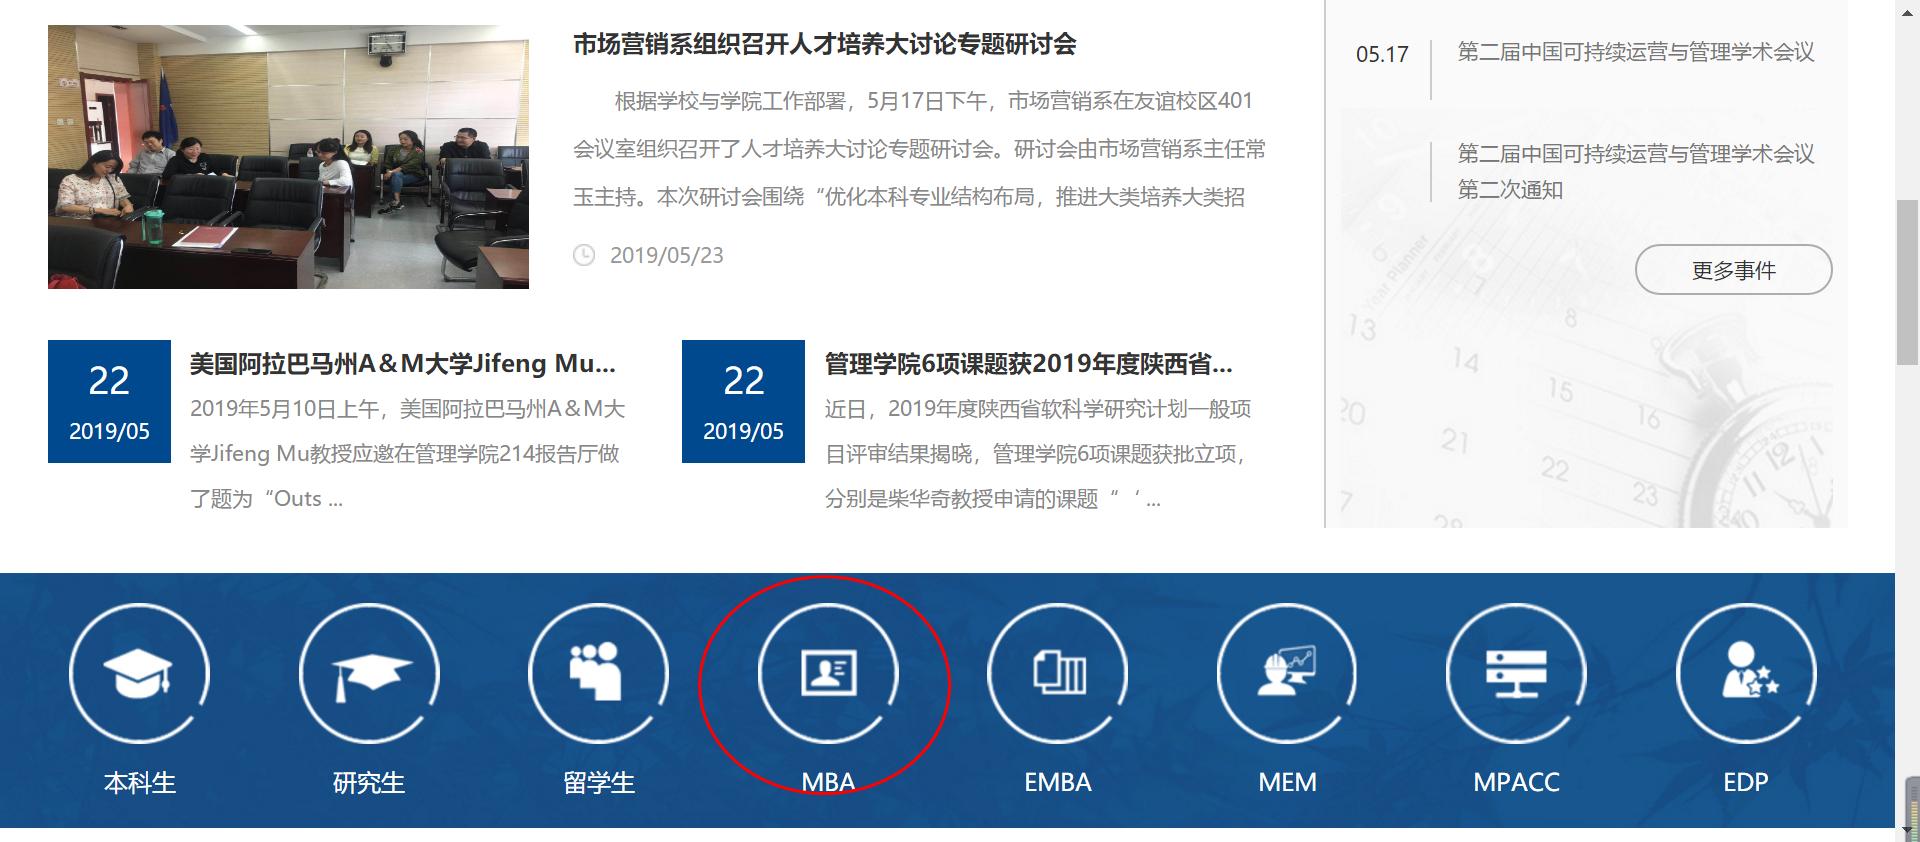 2020年西北工业大学MBA提前批面试网上申请操作指南